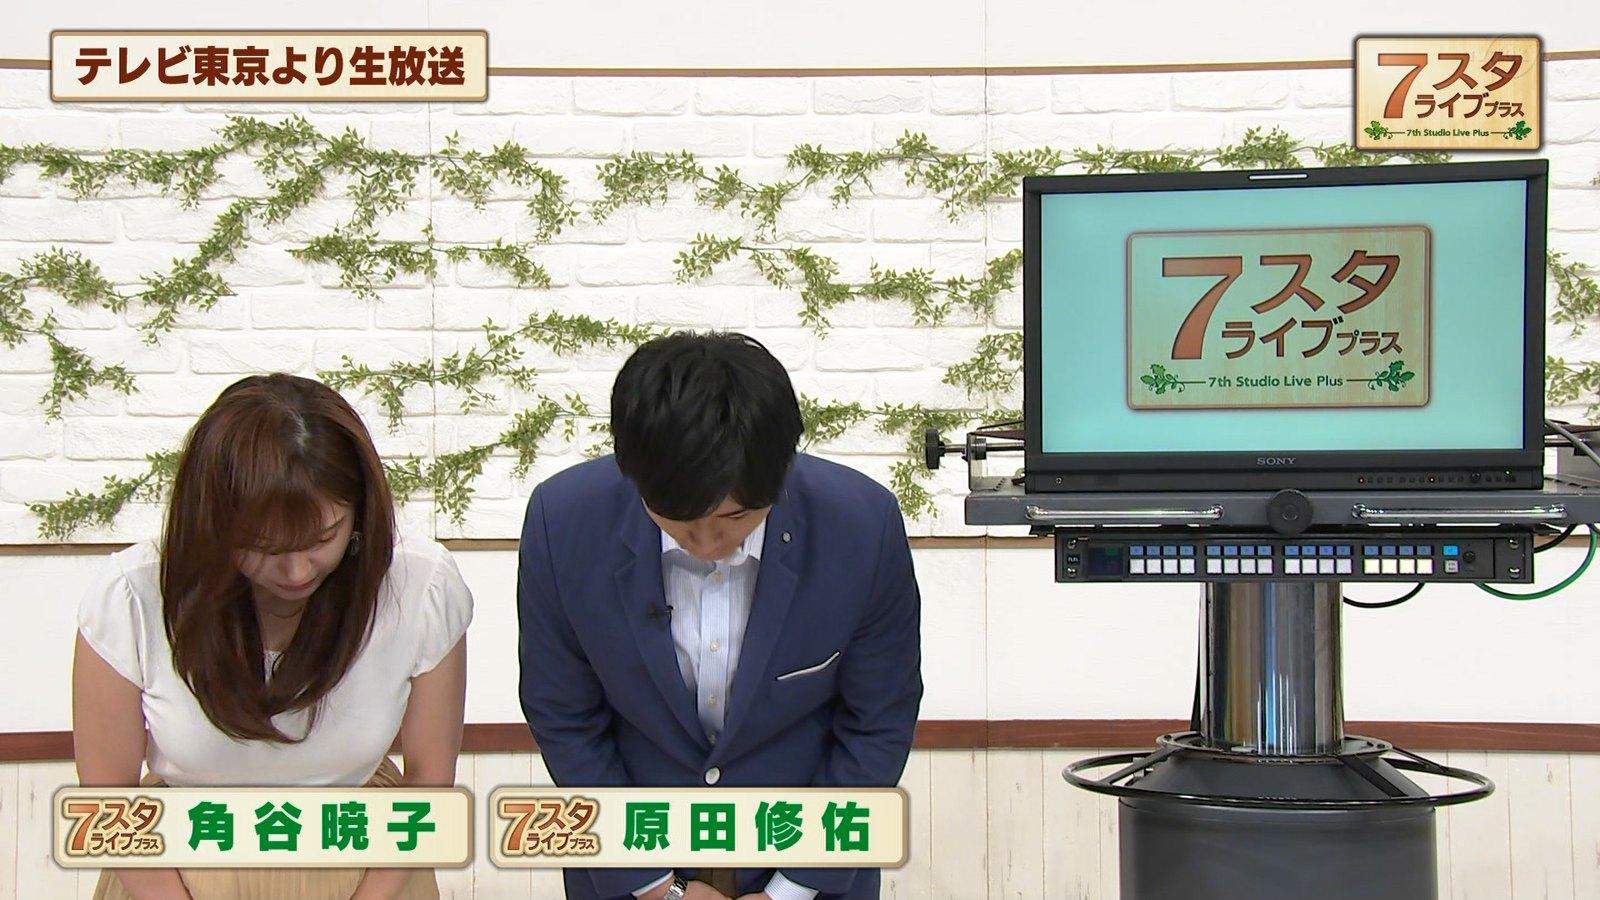 2019年8月16日に放送された「7スタライブ」に出演した角谷暁子さんの画像-016